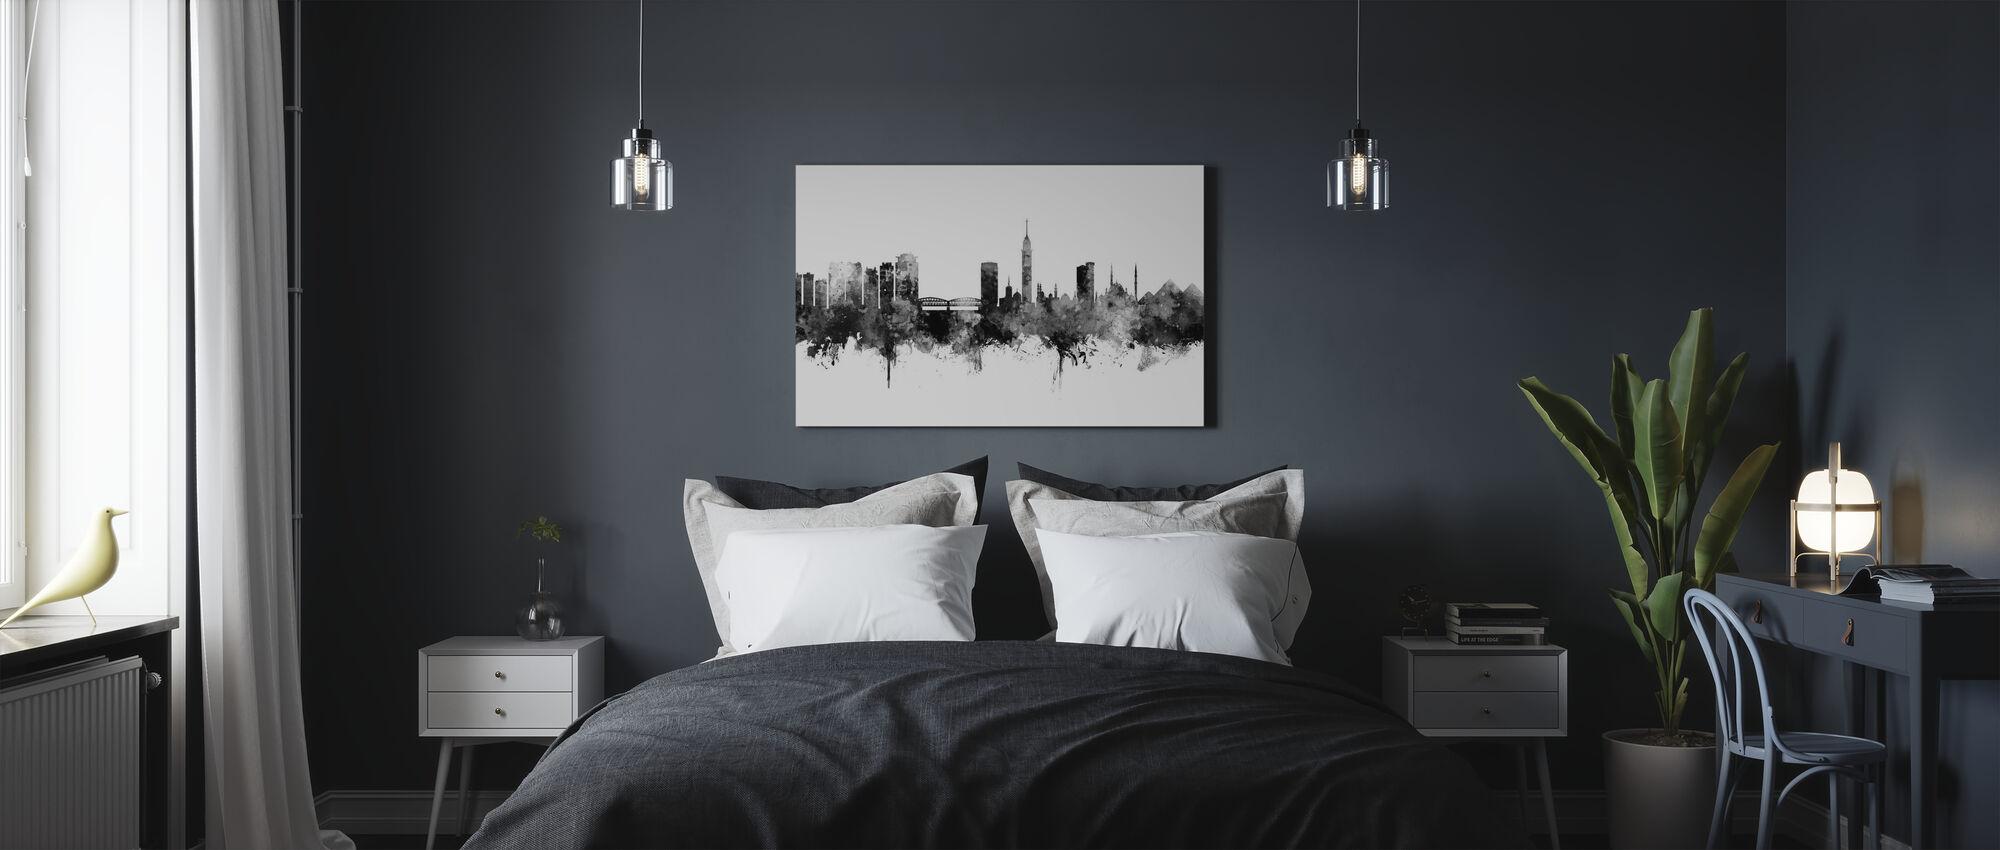 Kairo Egypti Skyline - Canvastaulu - Makuuhuone